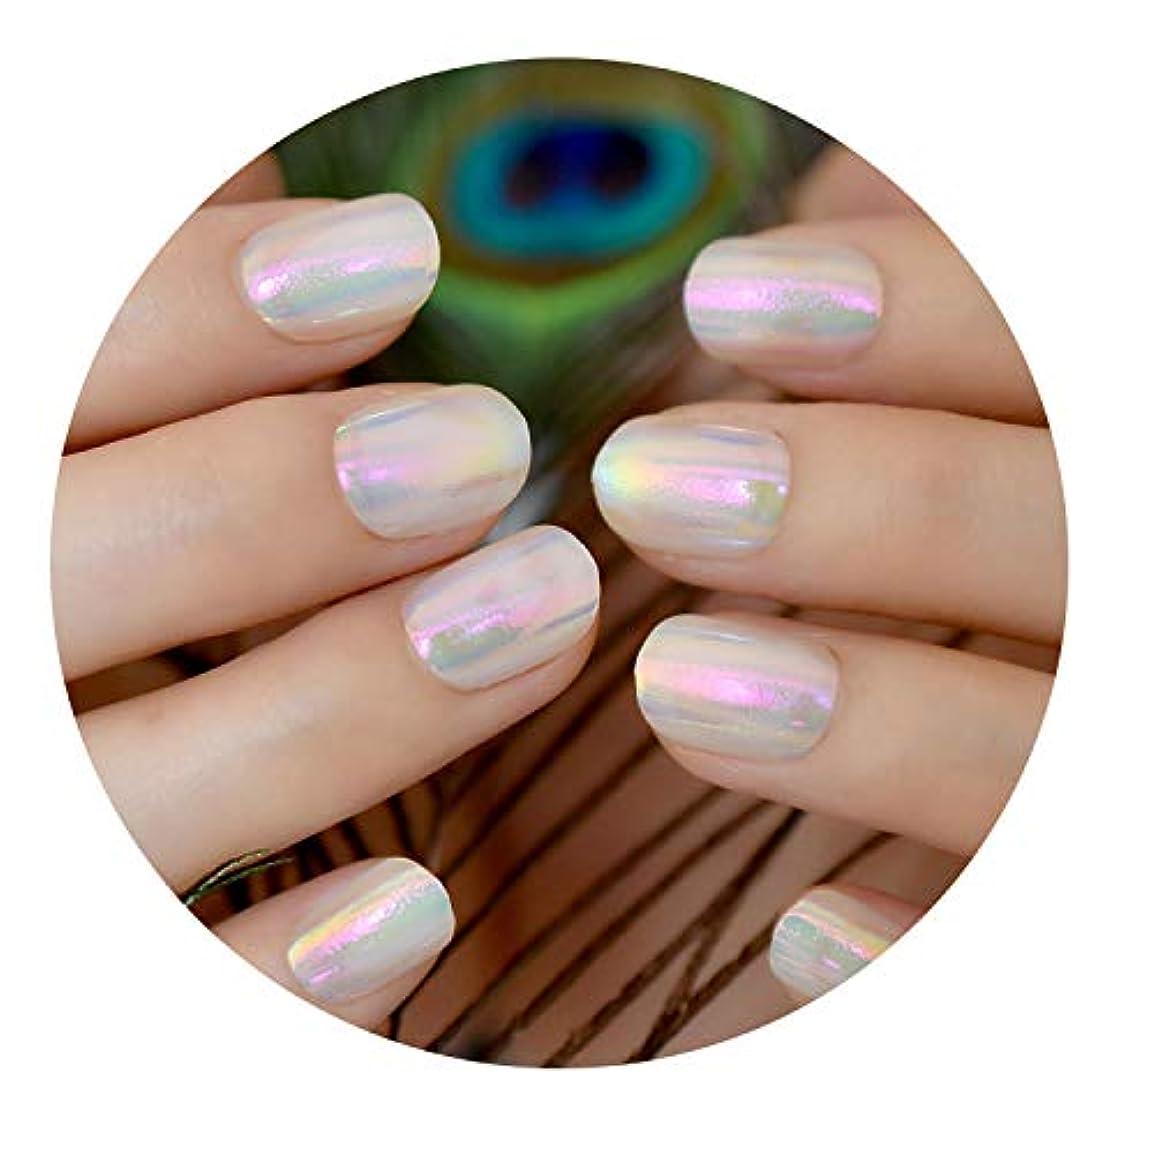 無意識作曲家組み合わせるアクリル偽爪短いラウンドデザイン人工爪のヒントミラーDIY指パッチサロン製品,Z856